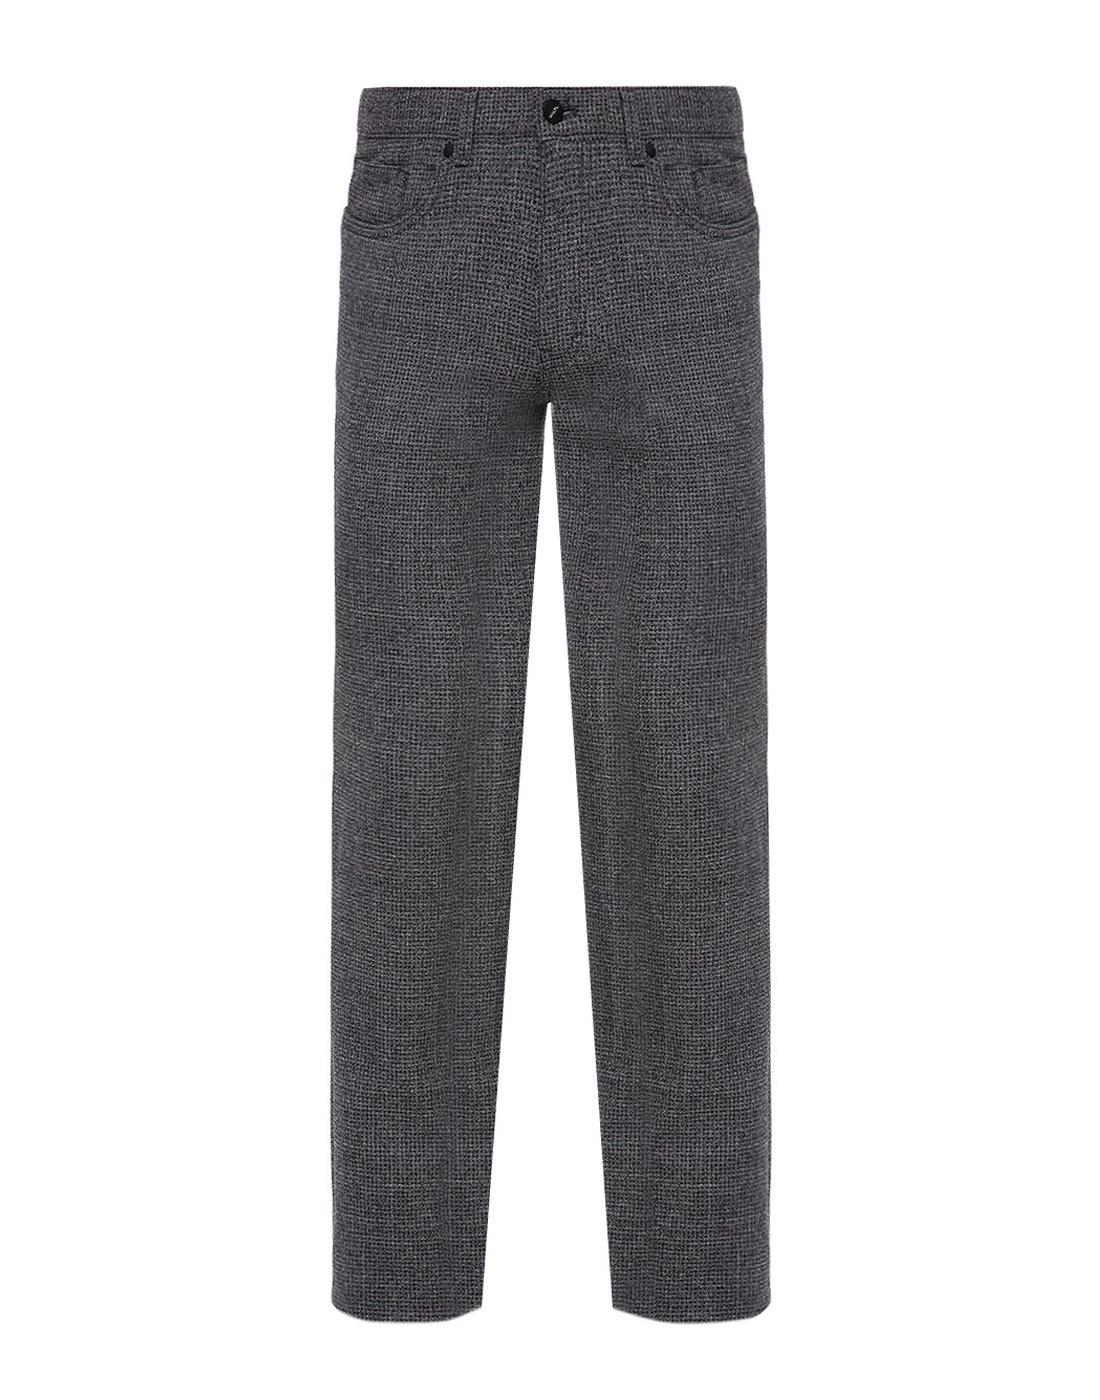 Мужские серые шерстяные брюки Hiltl  S12446 16 33580-1